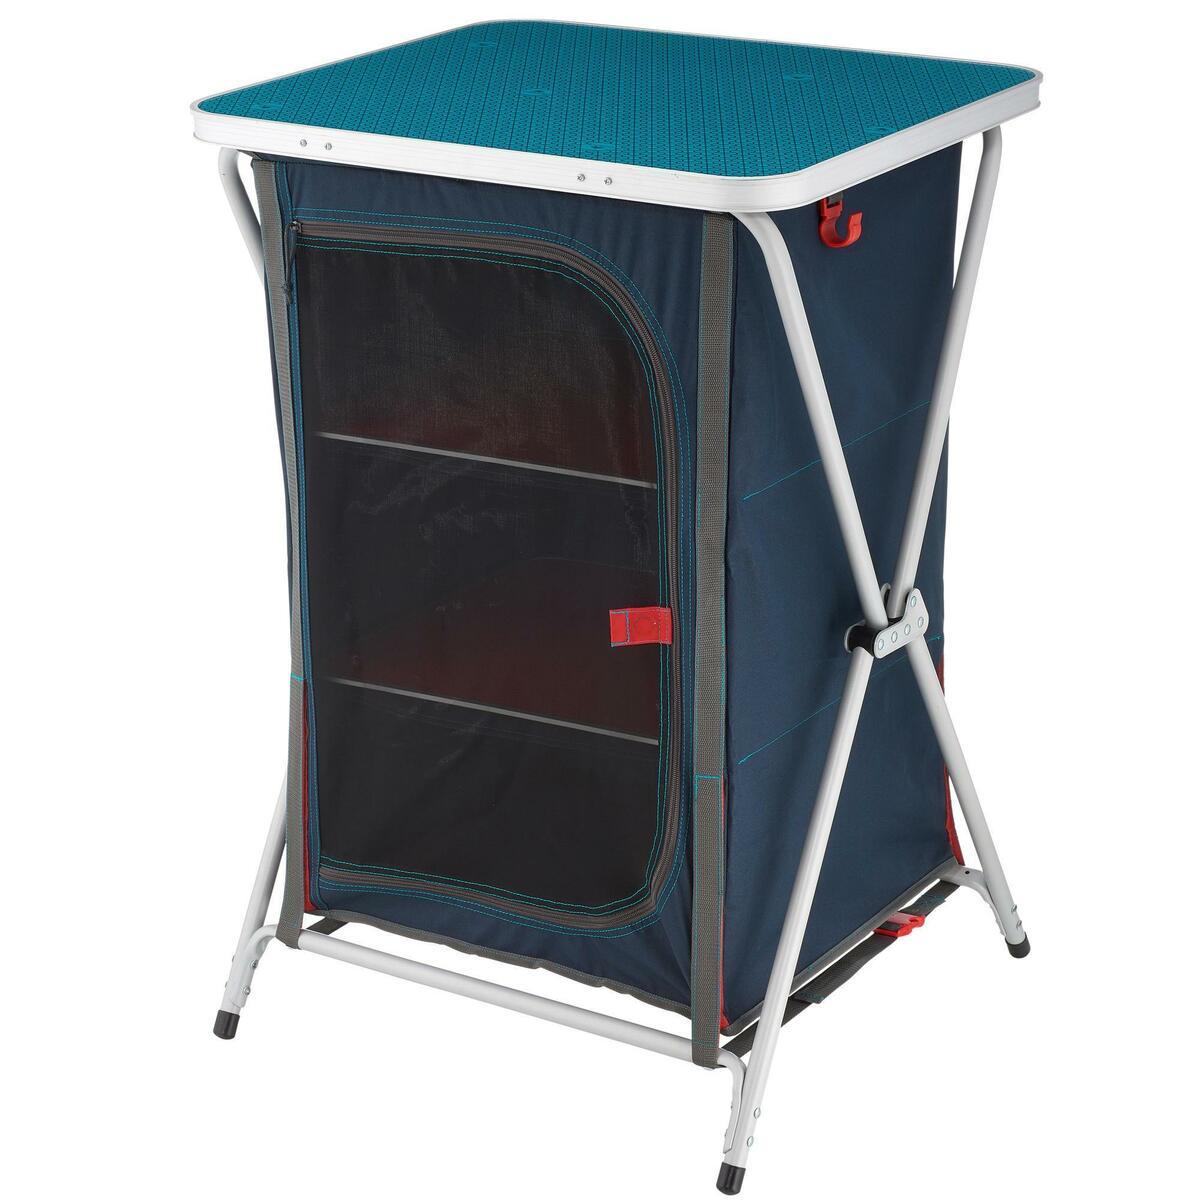 Bild 2 von Camping-Küchenmöbel